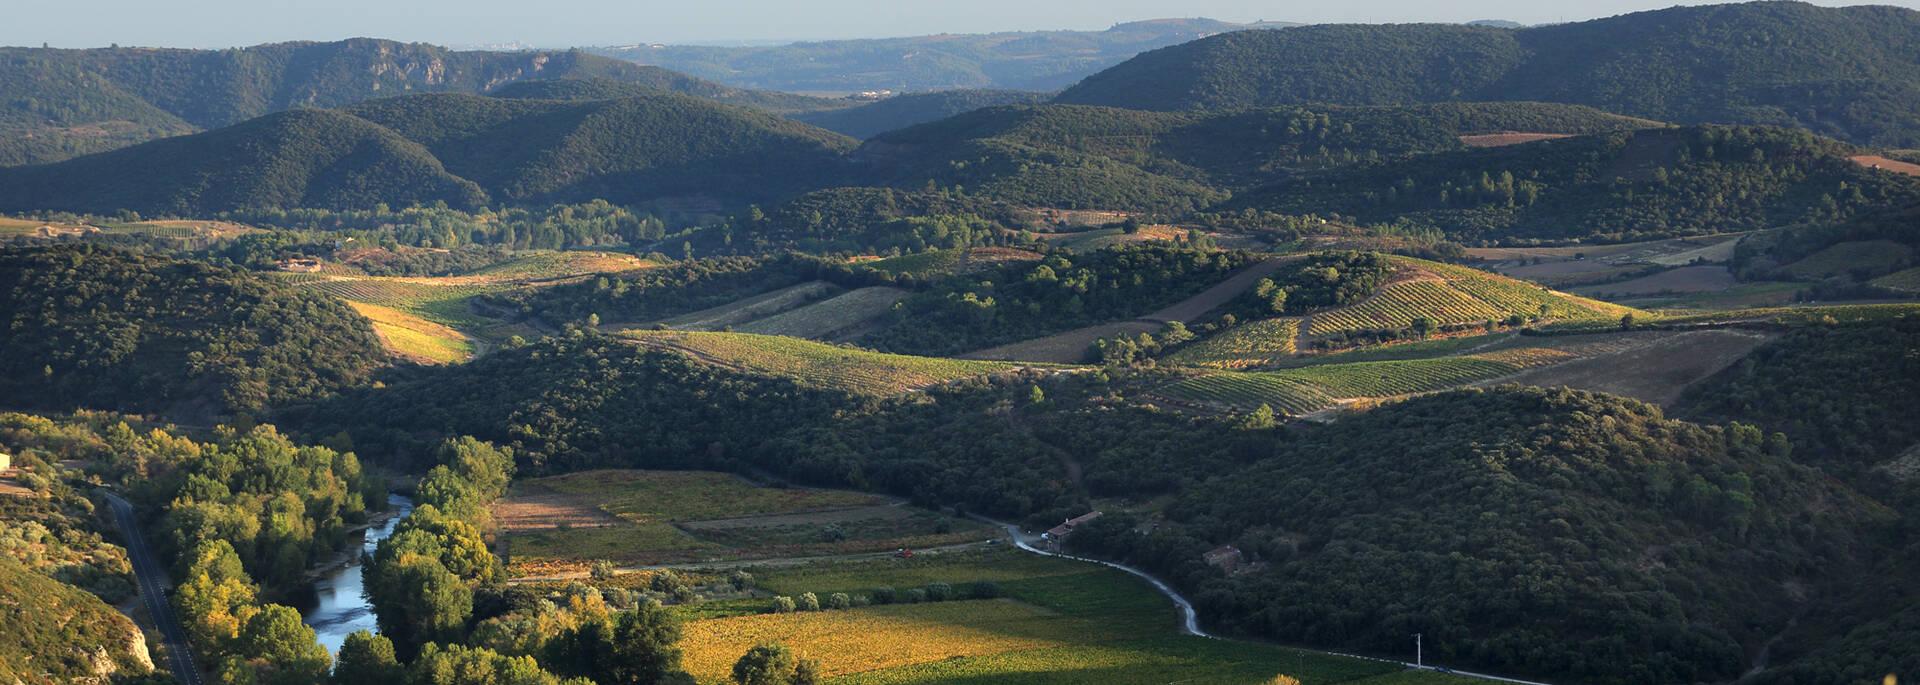 Vignobles et vallée de l'Orb ©G.Souche